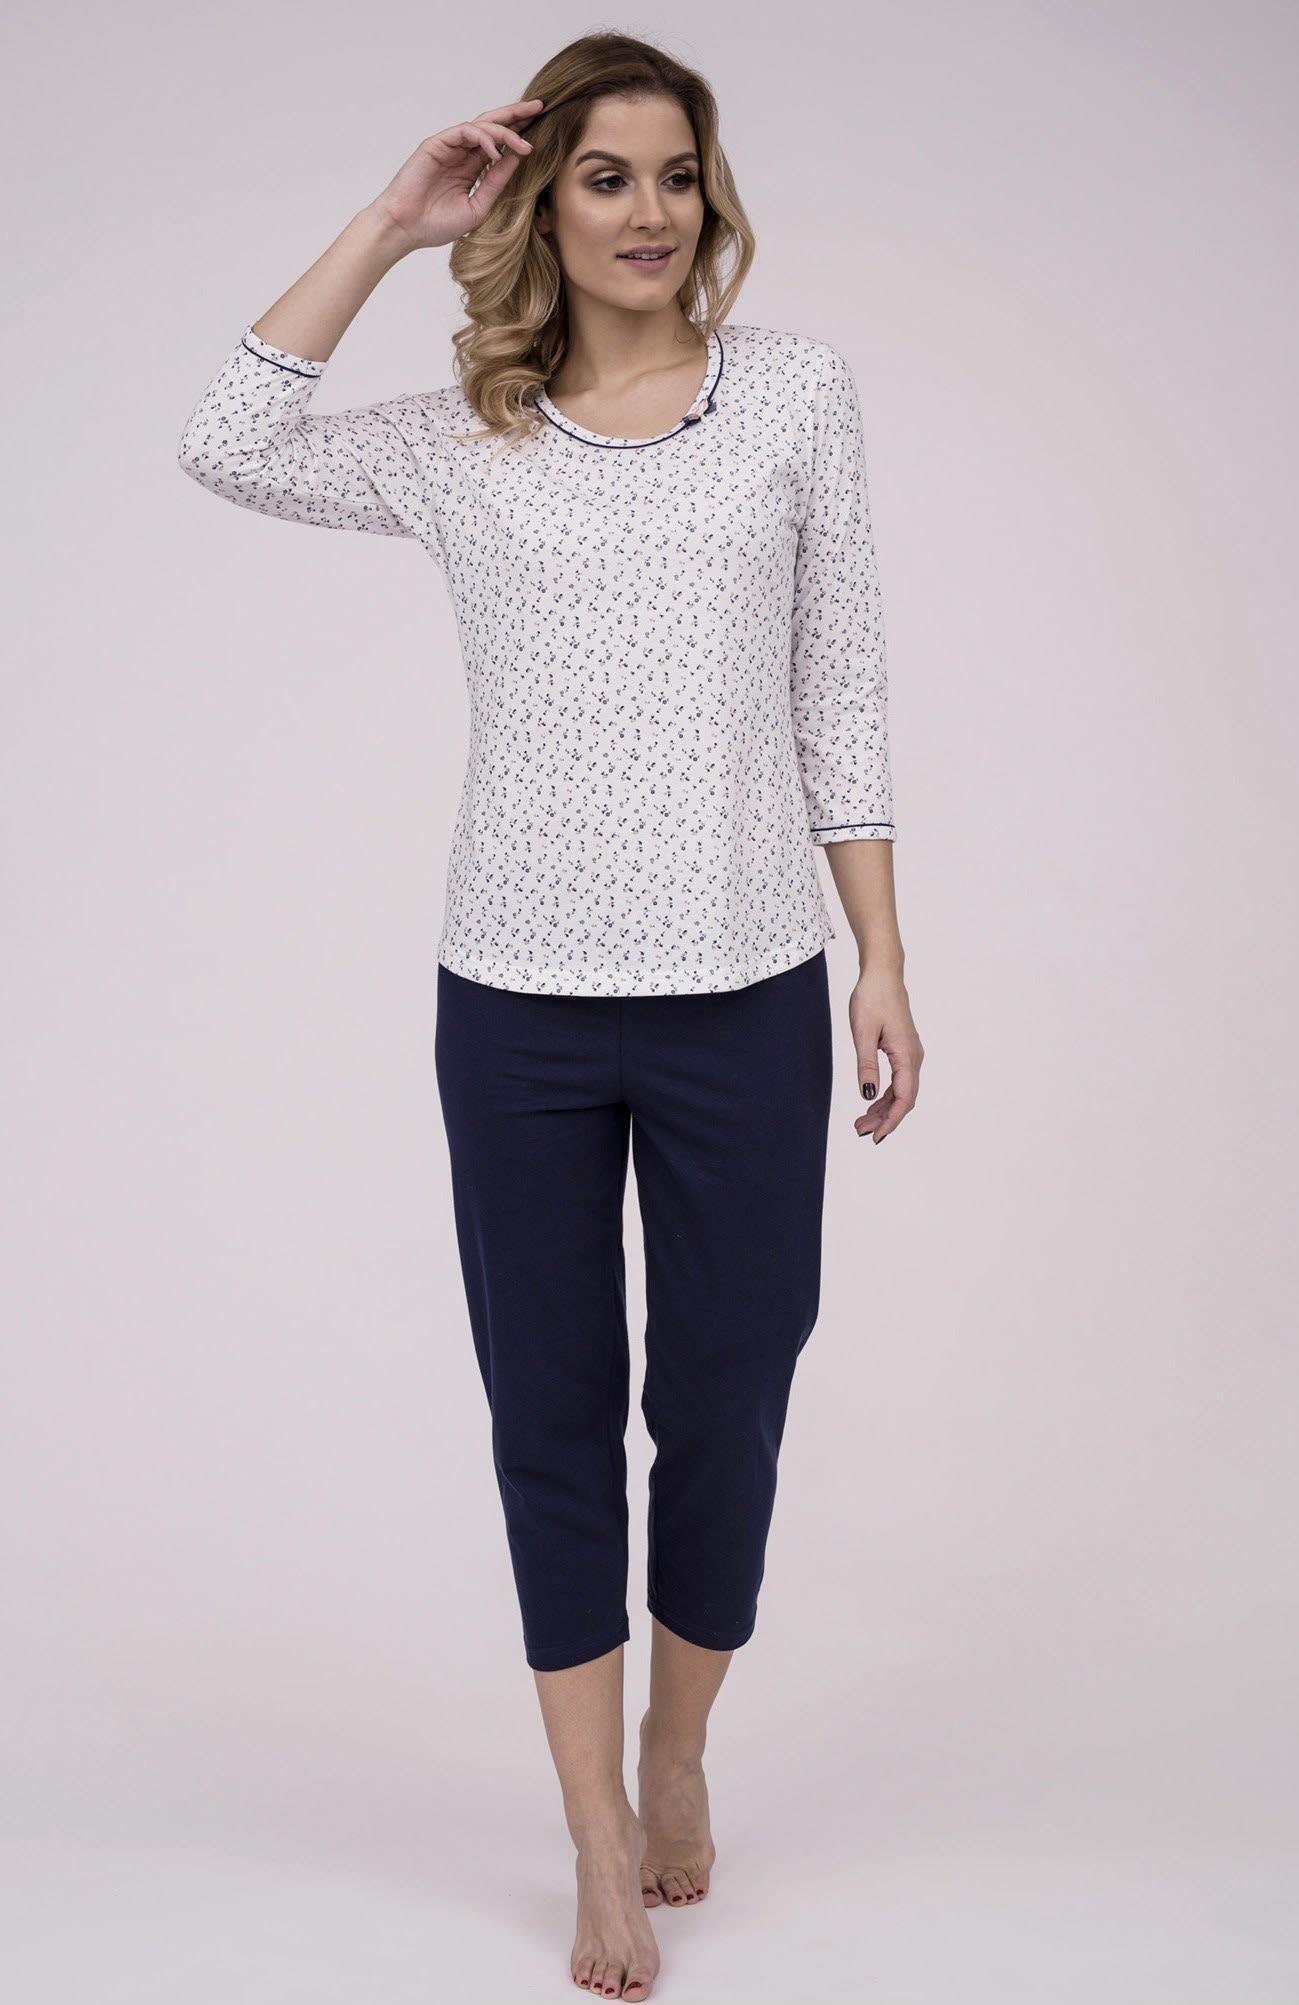 86820b4ca9bb Dámske bavlnené pyžamo Cana 184. Prinášame Vám novú kolekciu dámske pyžamá  jar-leto 2018